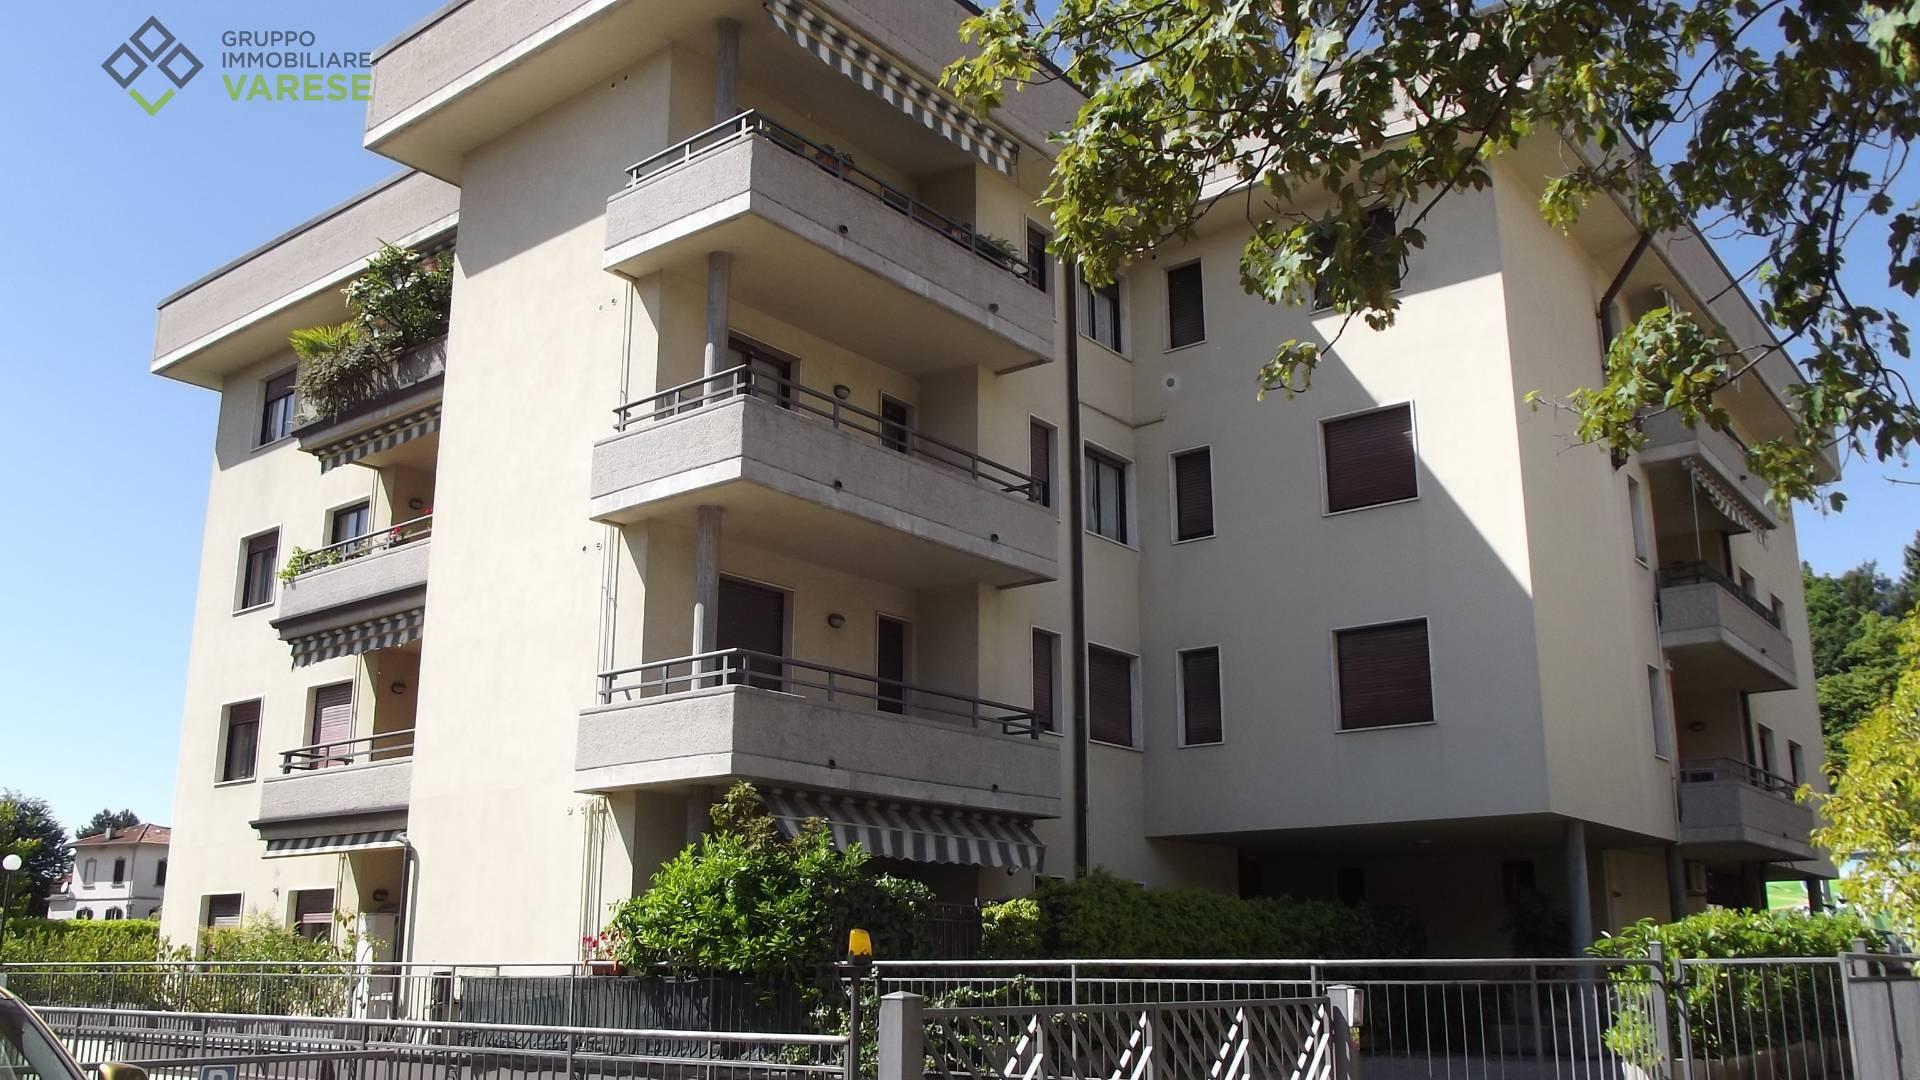 Negozio / Locale in affitto a Varese, 9999 locali, zona Località: Europa, prezzo € 1.500 | CambioCasa.it